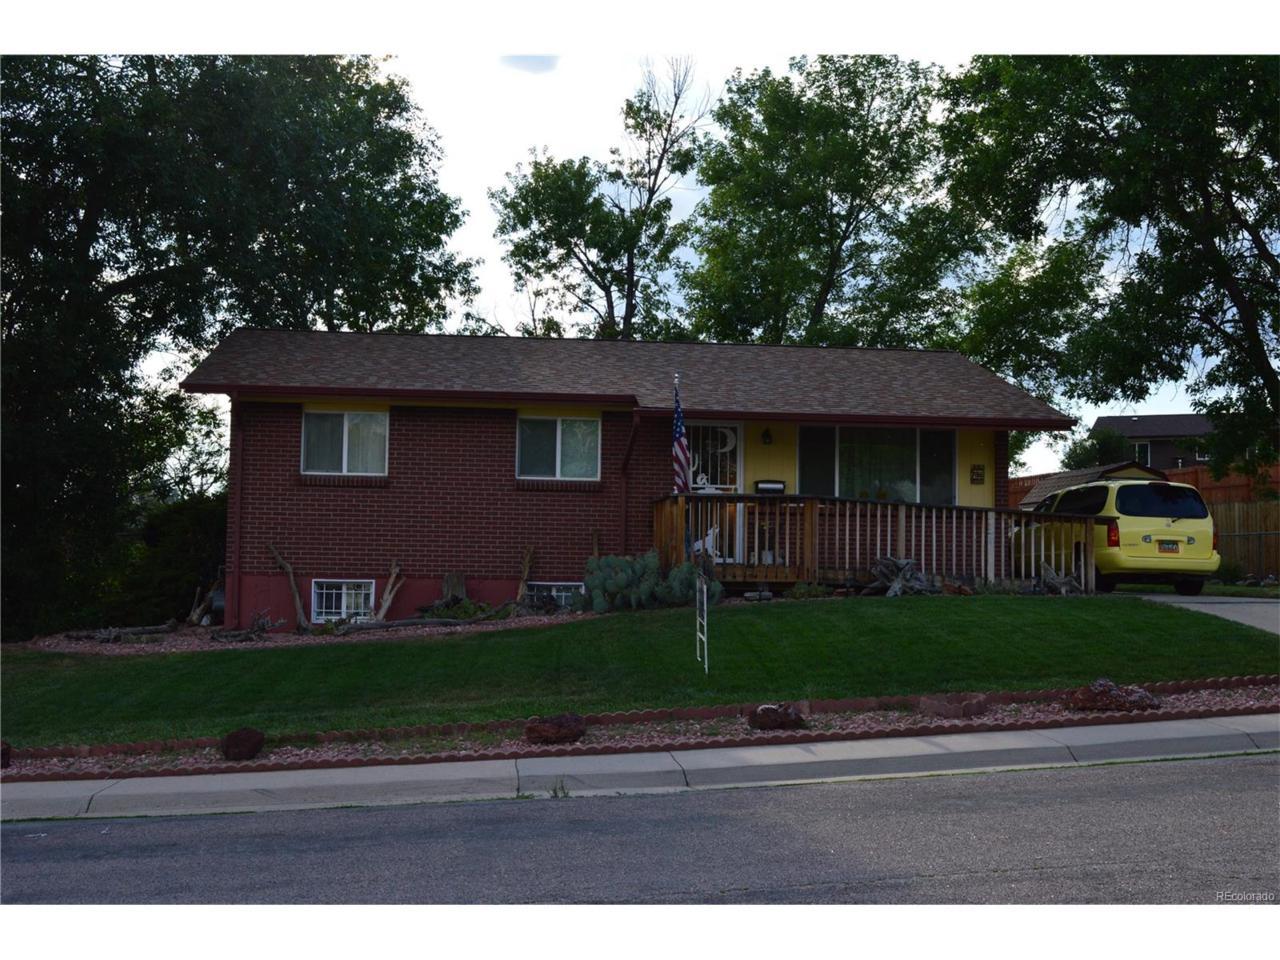 7863 Elder Circle, Denver, CO 80221 (MLS #3531998) :: 8z Real Estate